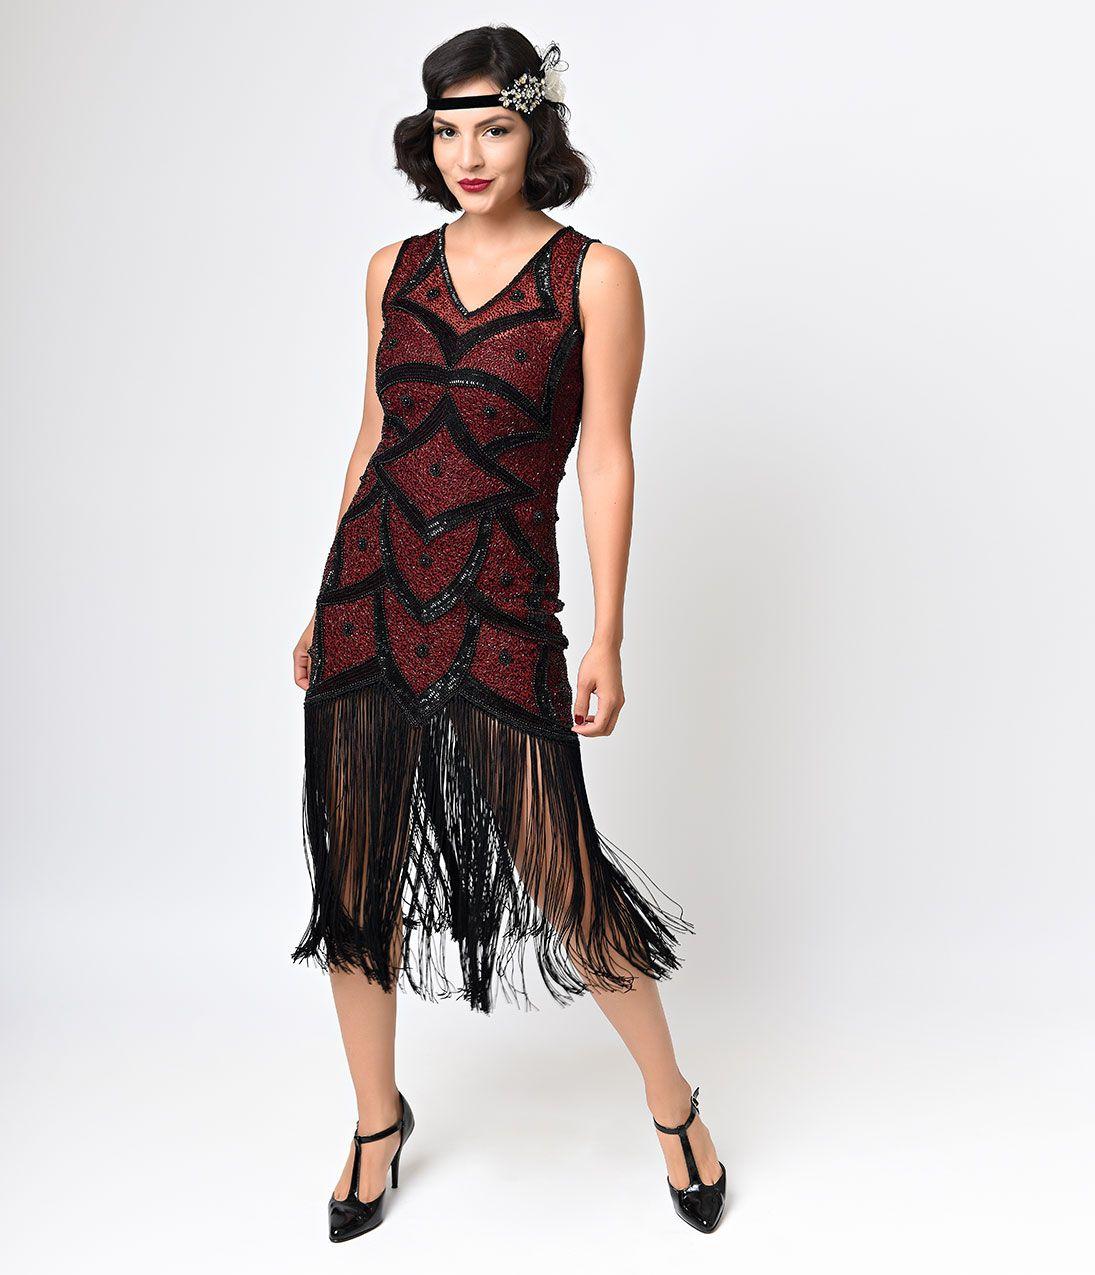 Vintage Style 1920s Flapper Dresses for Sale | Fringe flapper ...